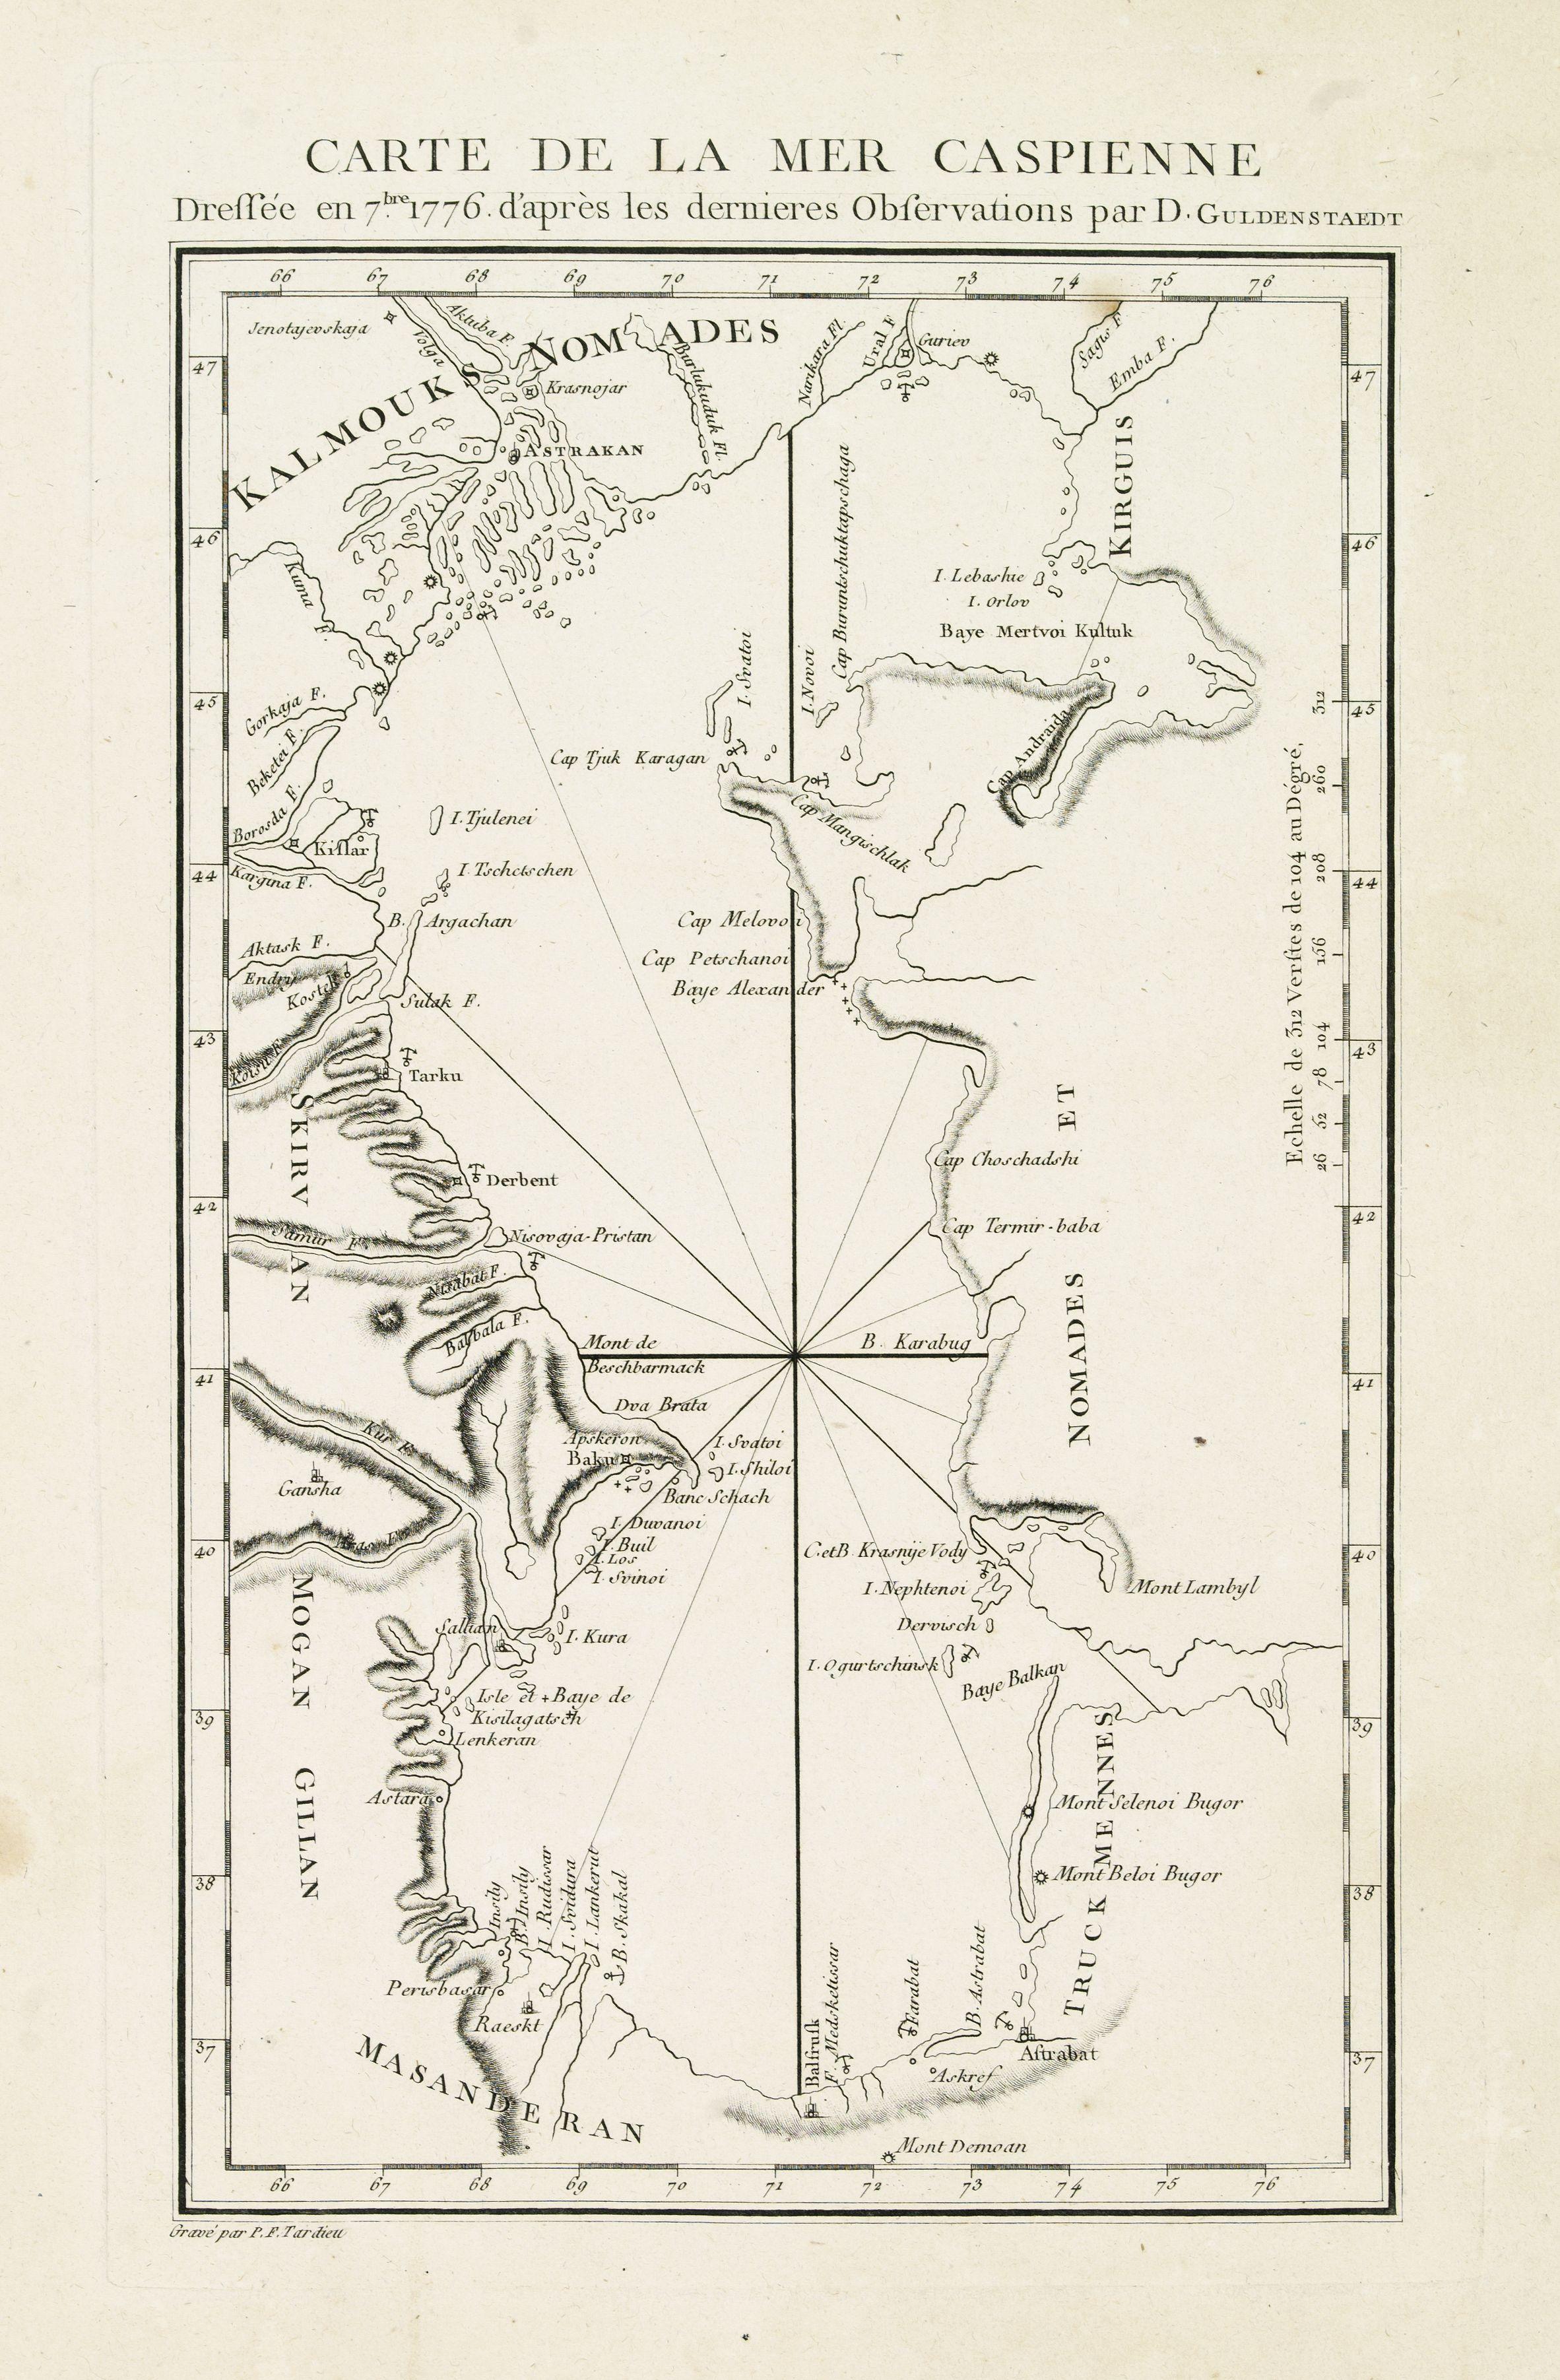 GULDENSTAEDT, J.A. -  Carte de la Mer Caspienne dressée en 7bre 1776 d